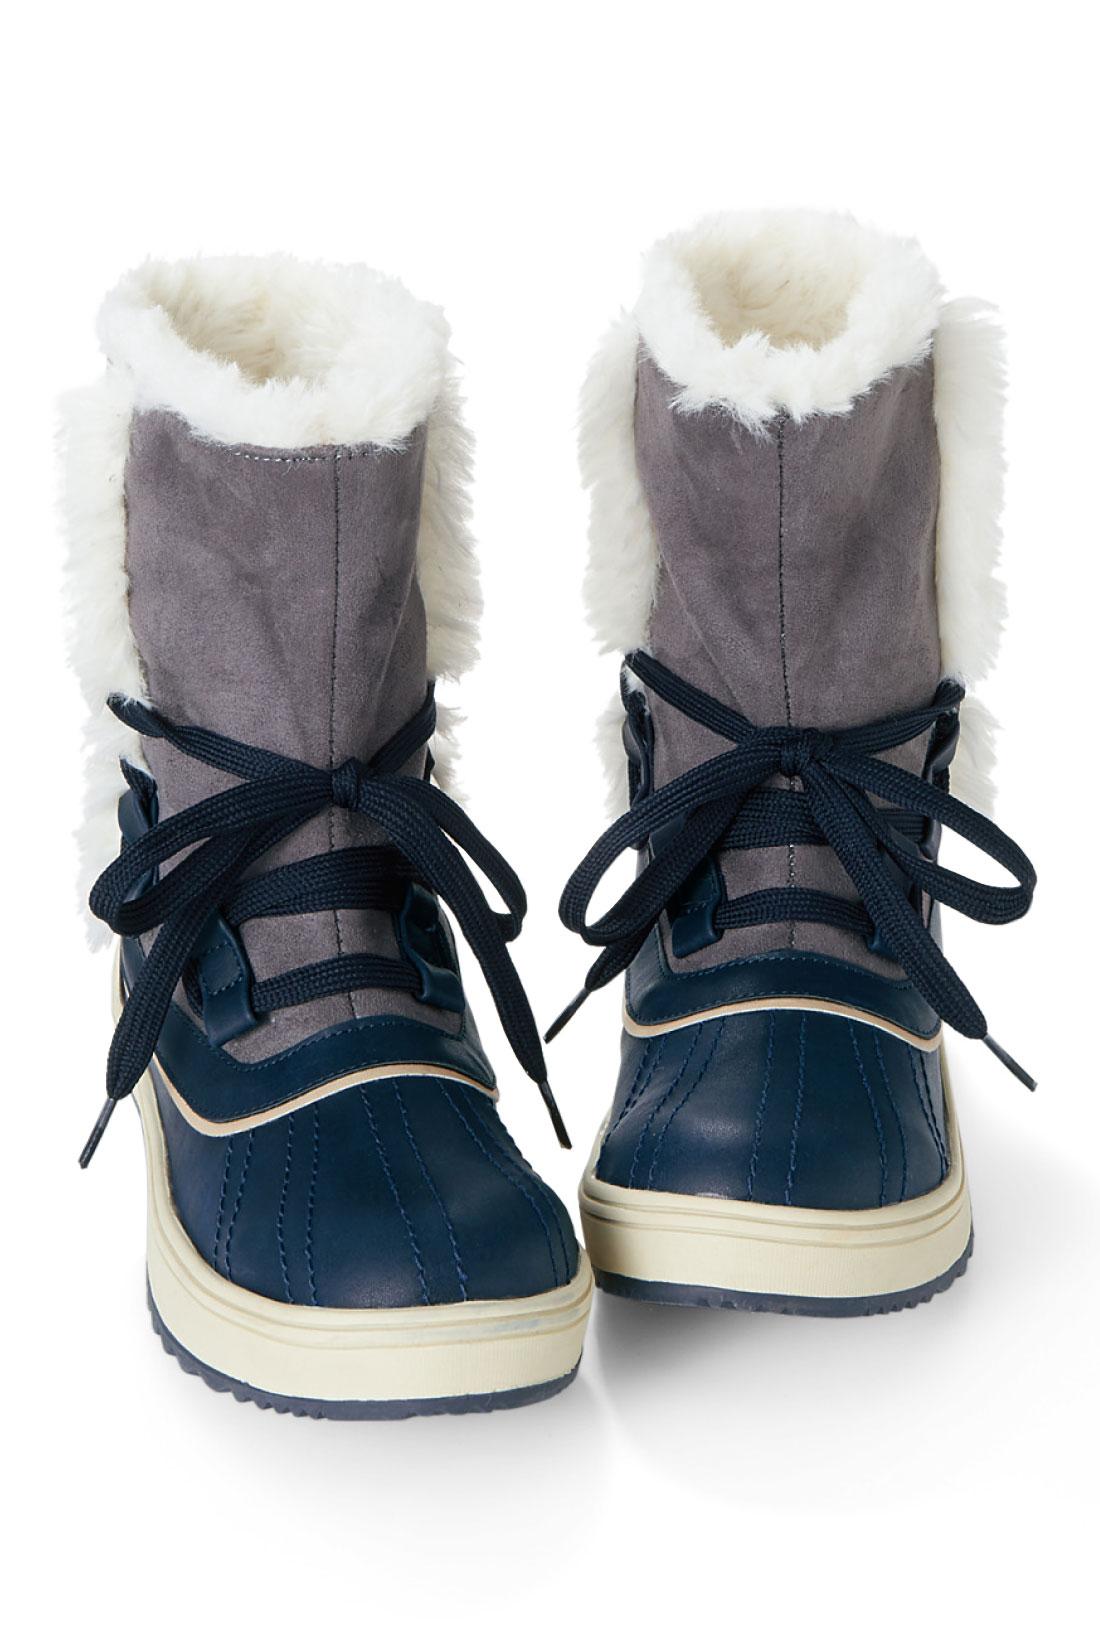 スポンと履けて厚めのソールで歩きやすい。足もとにボリュームが出るので、ほっそり見せもかないます。